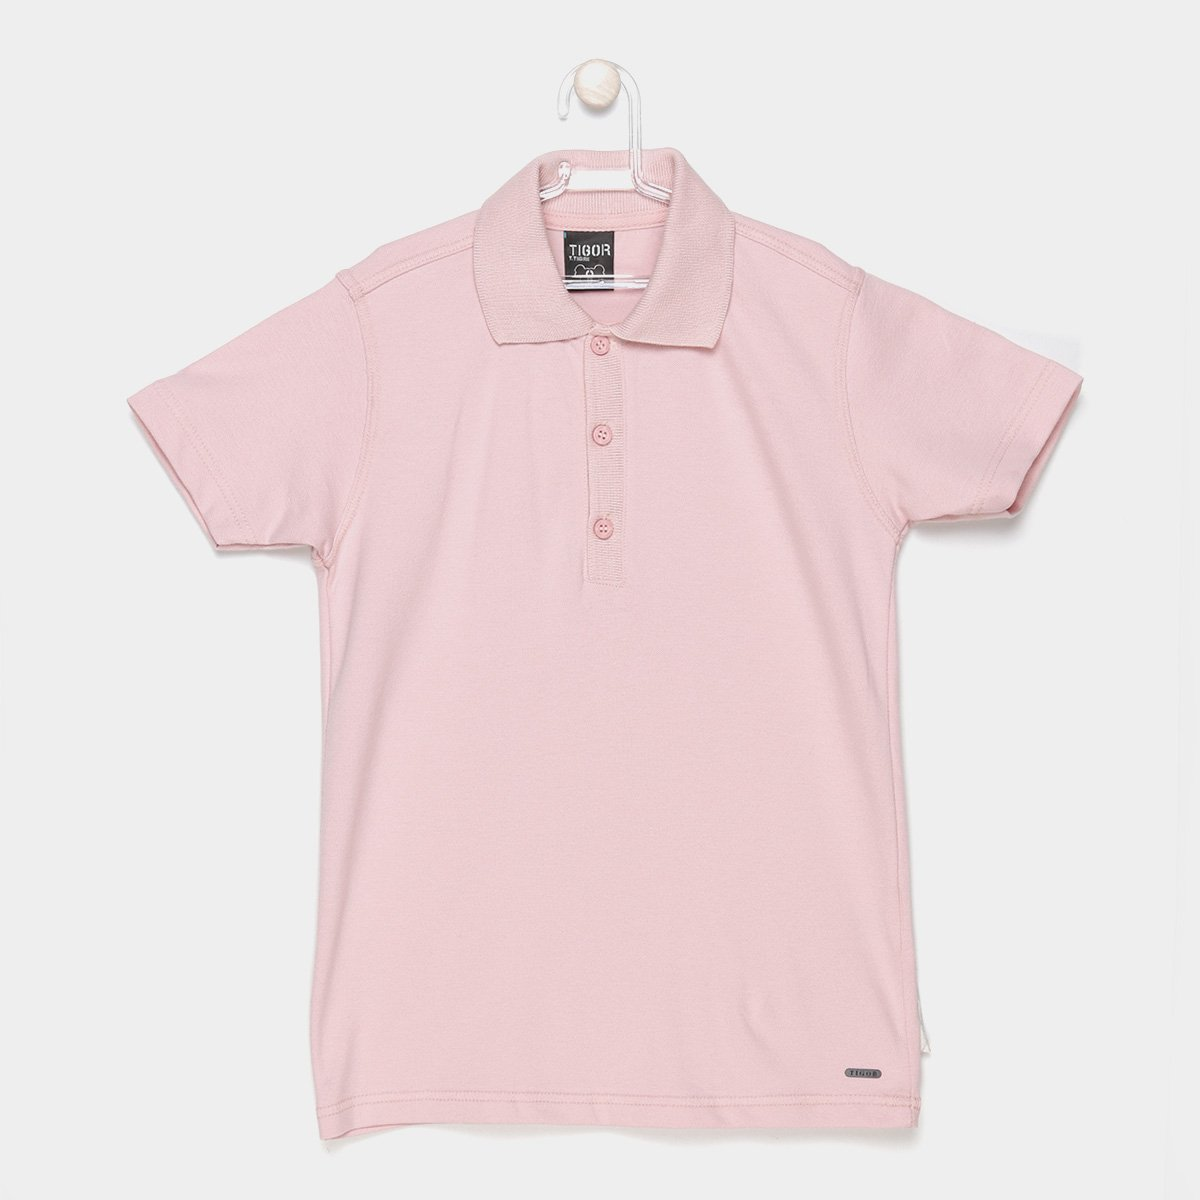 4dde58b09 Camisa Polo Tigor T. Tigre Básica Masculina - Compre Agora